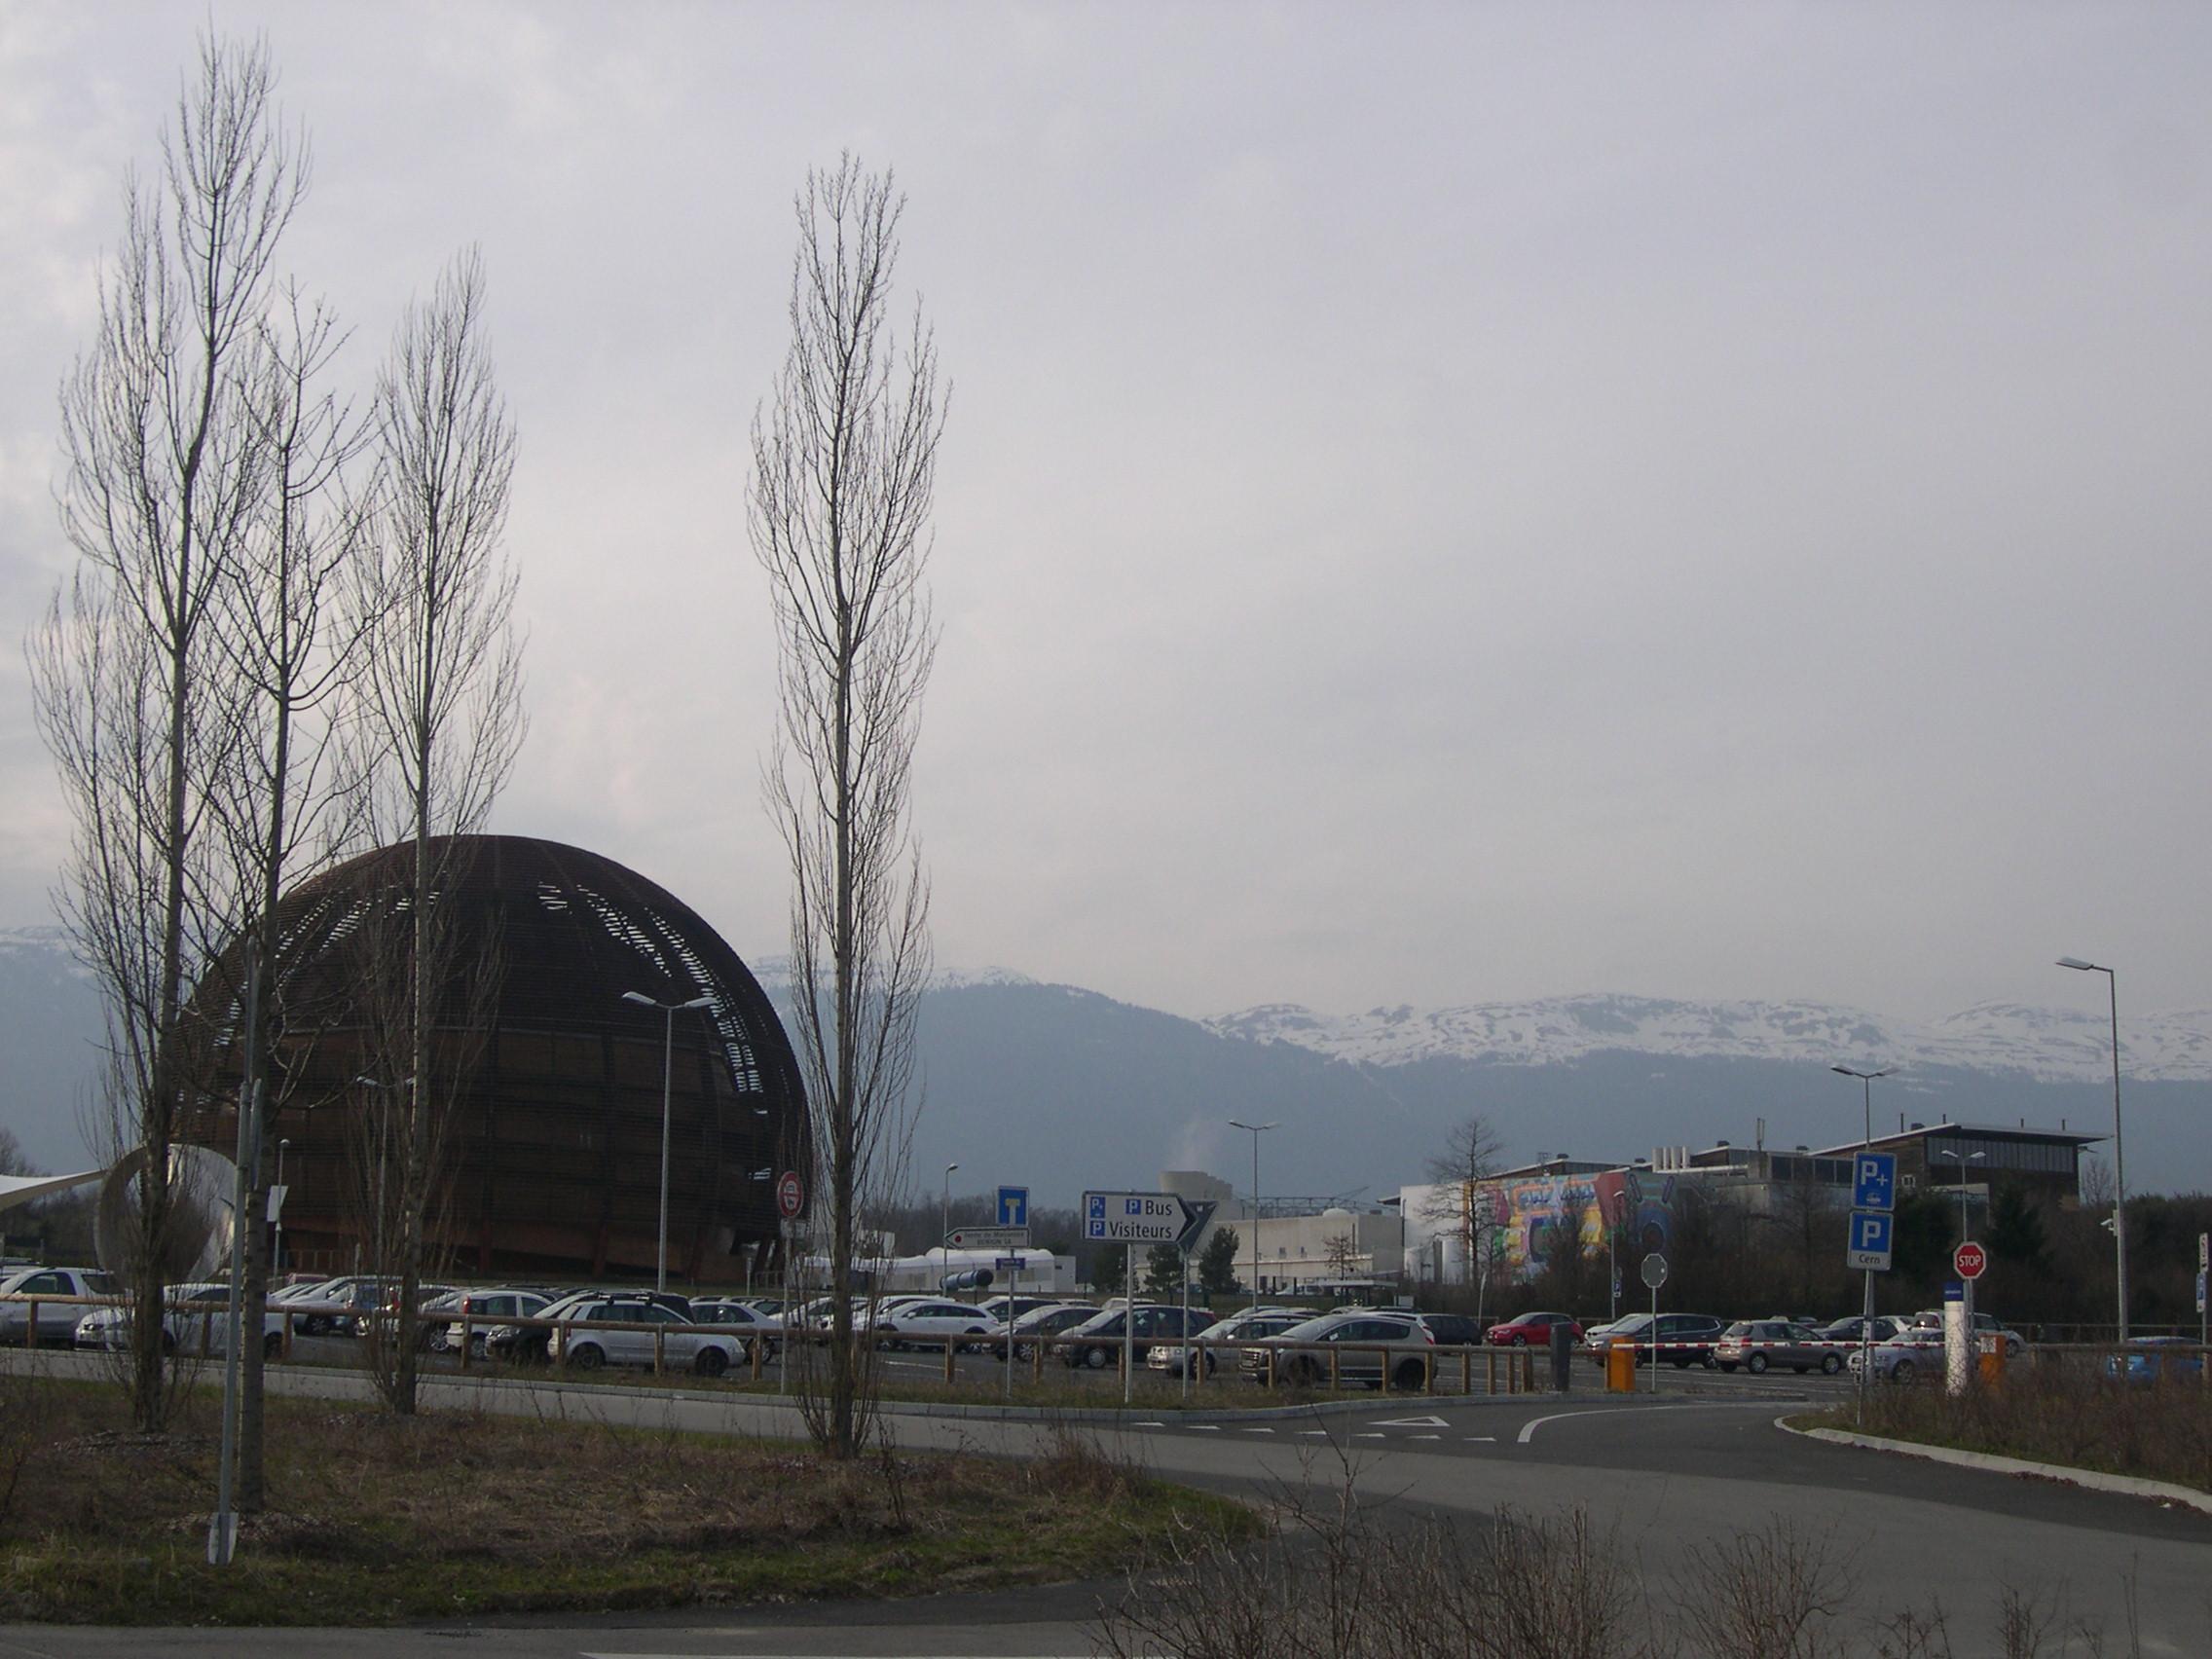 Arrivée au CERN. Face à un paysage aussi féérique, le voyageur se sent transporté par la sensation d'être allé au bout de lui-même et de la Suisse à la fois. [JB Bing 2015]